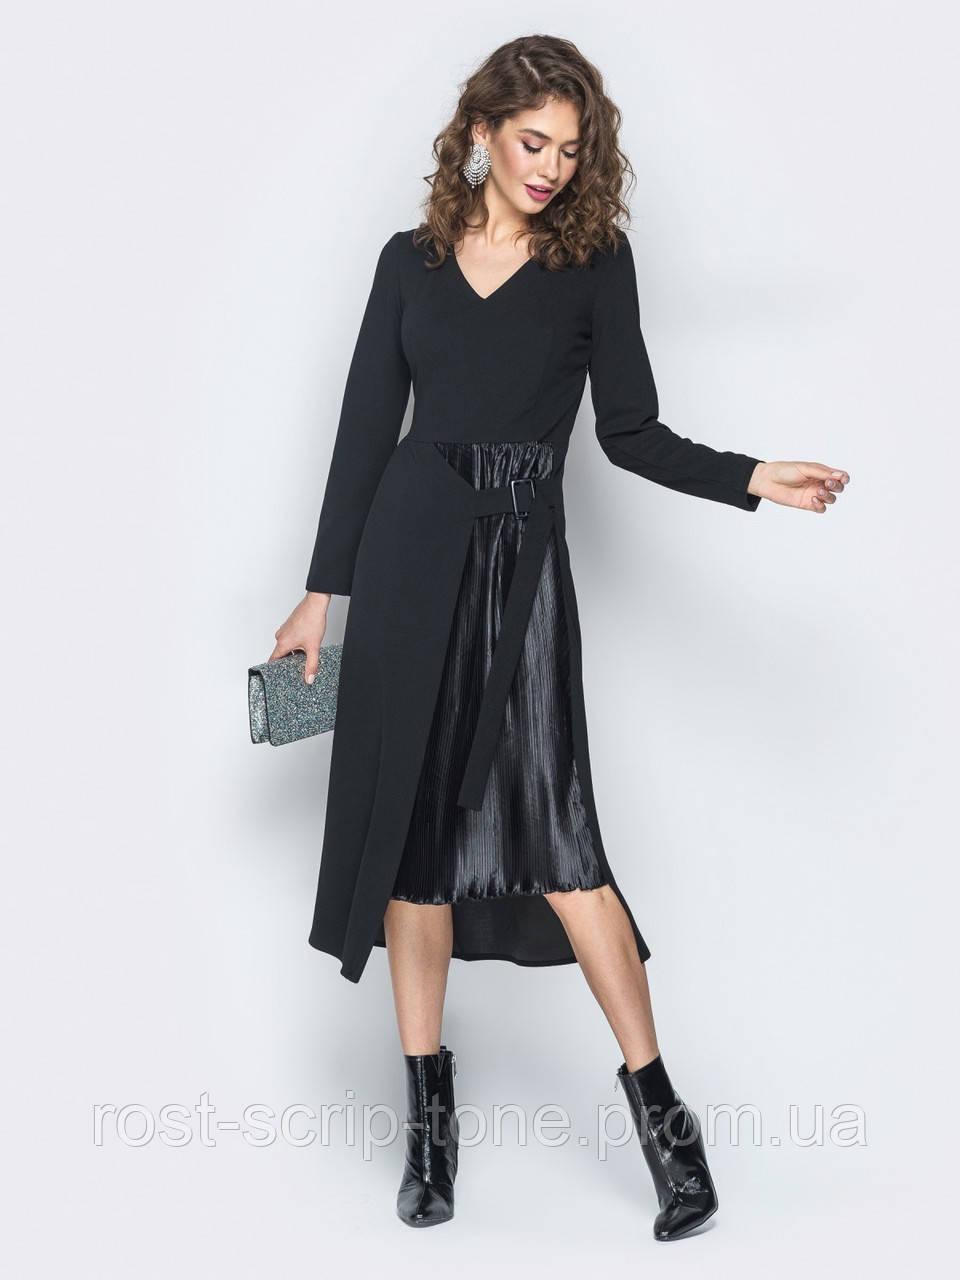 d116b95602f ♥️Оригинальное платье со вставкой-плиссе на полочке (черное